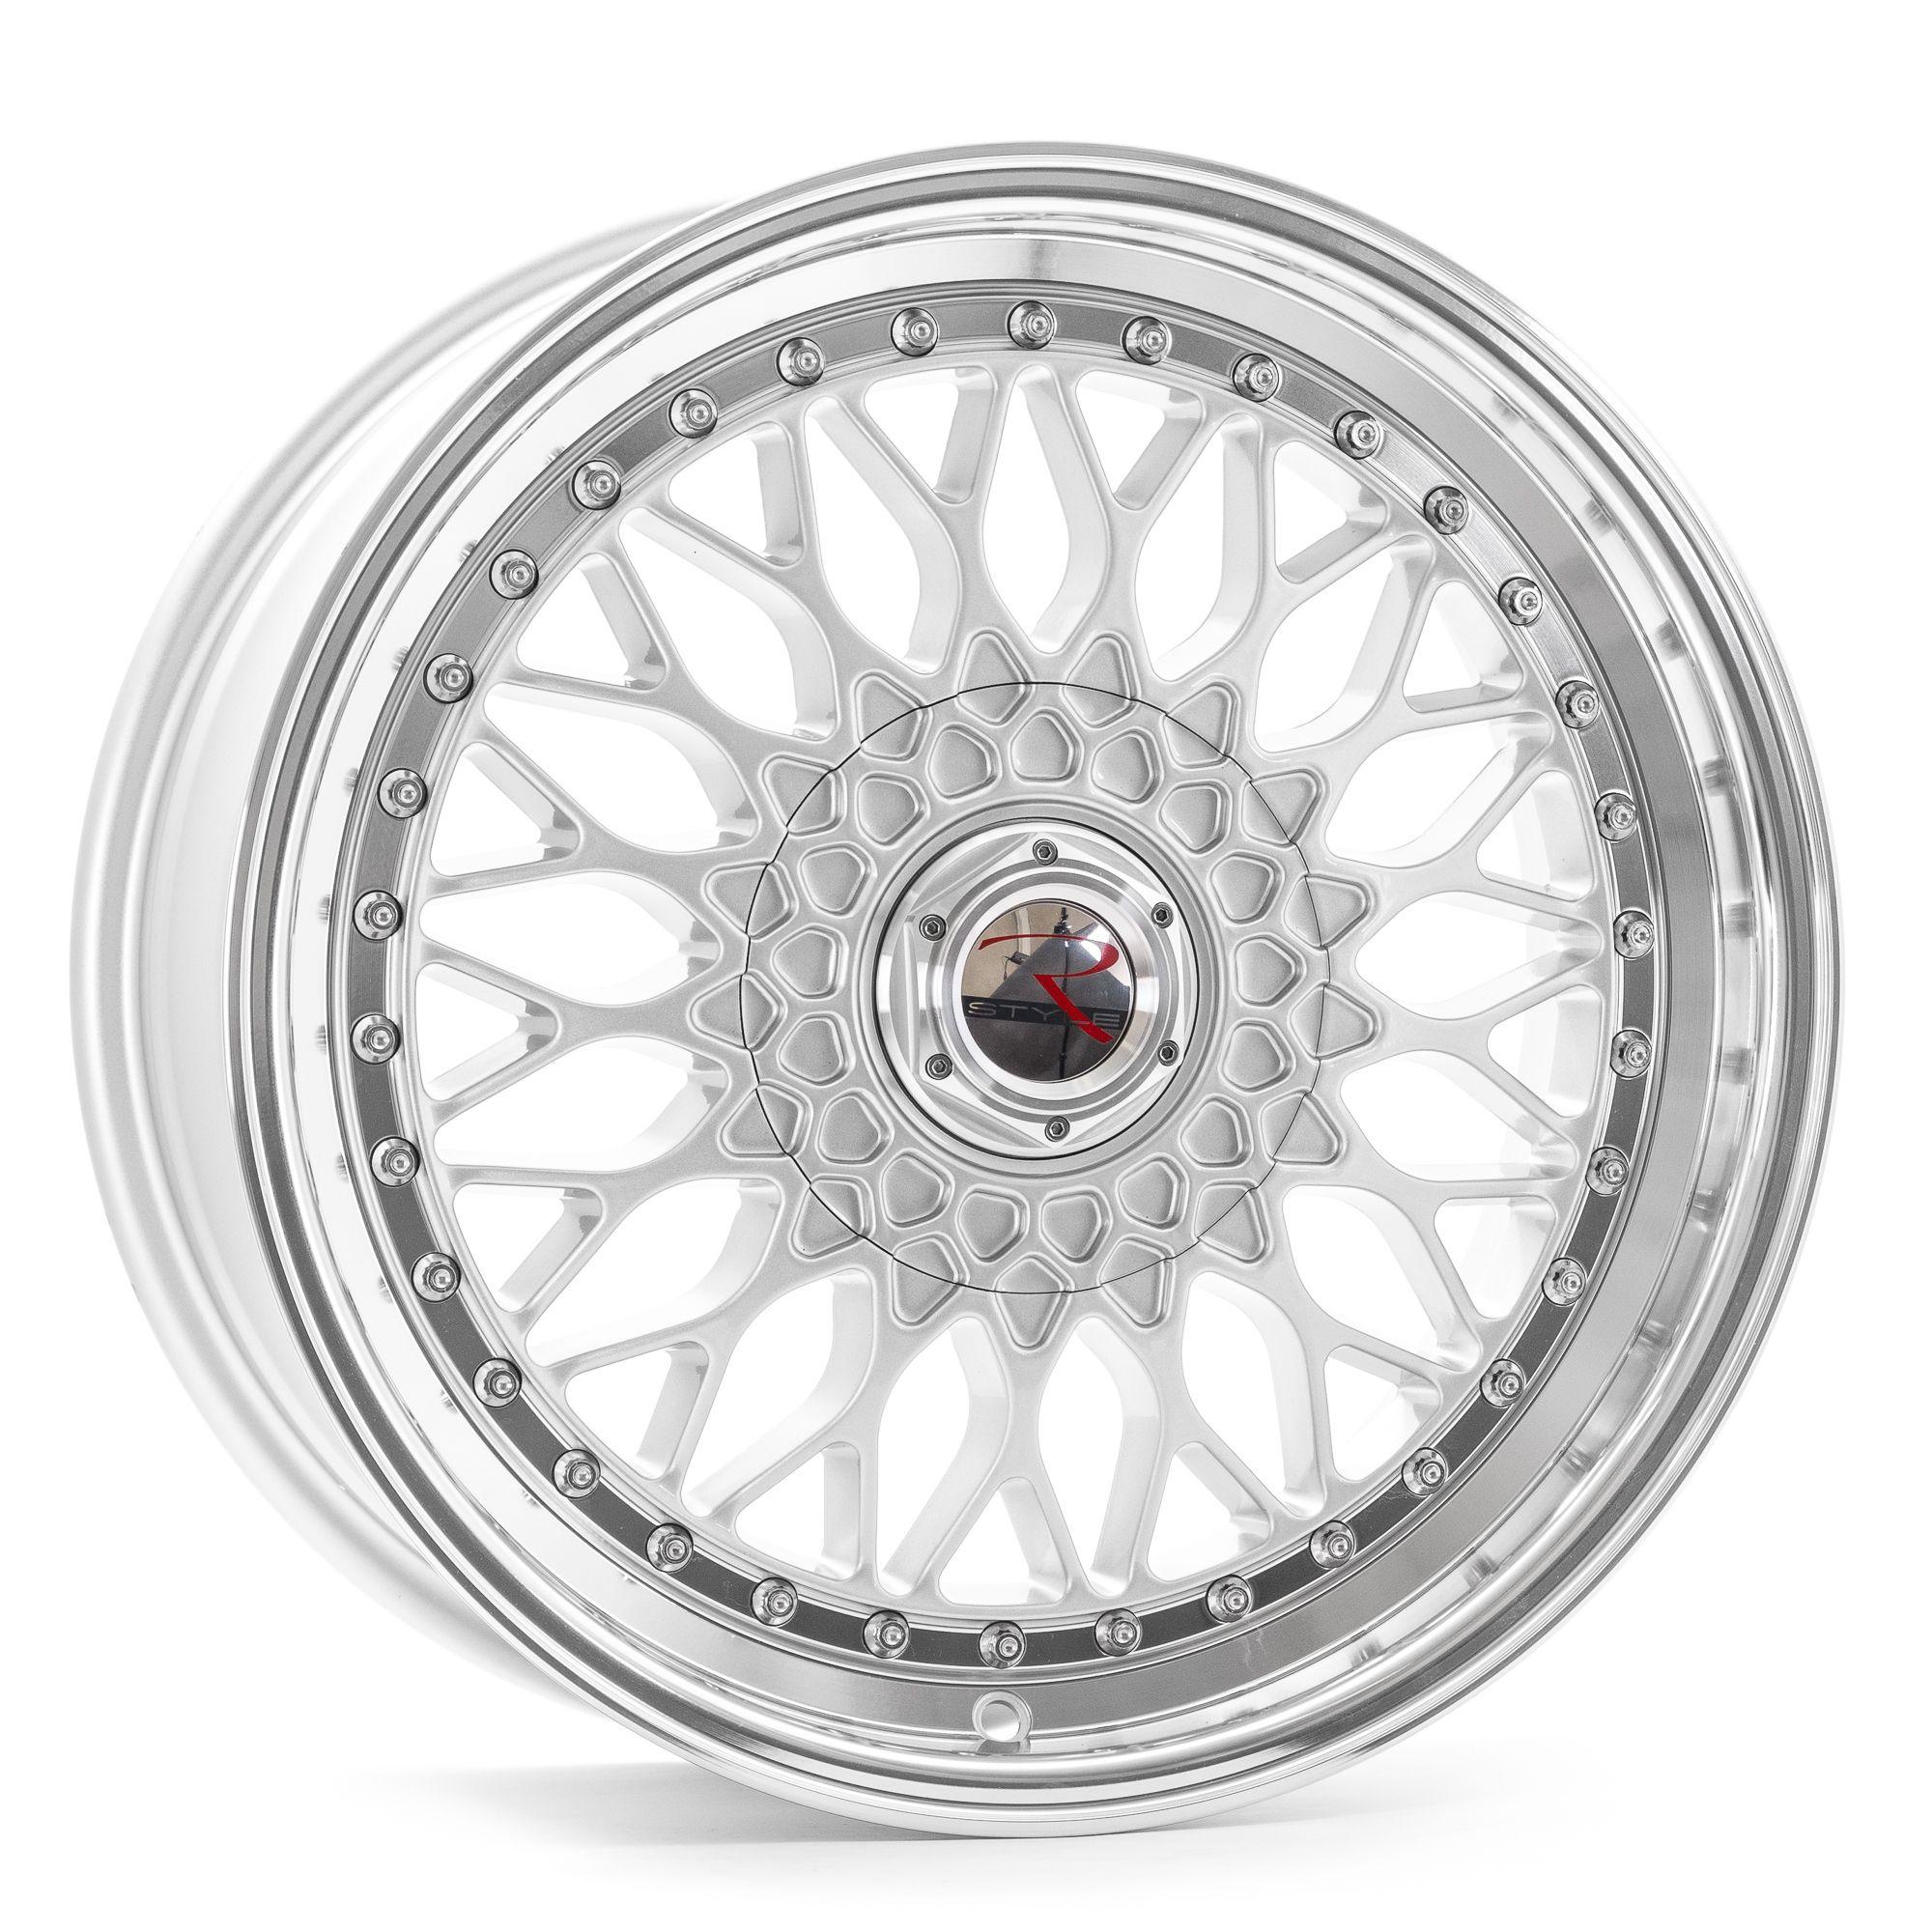 rstyle wheels rs01 felgen silver horn polished silber. Black Bedroom Furniture Sets. Home Design Ideas